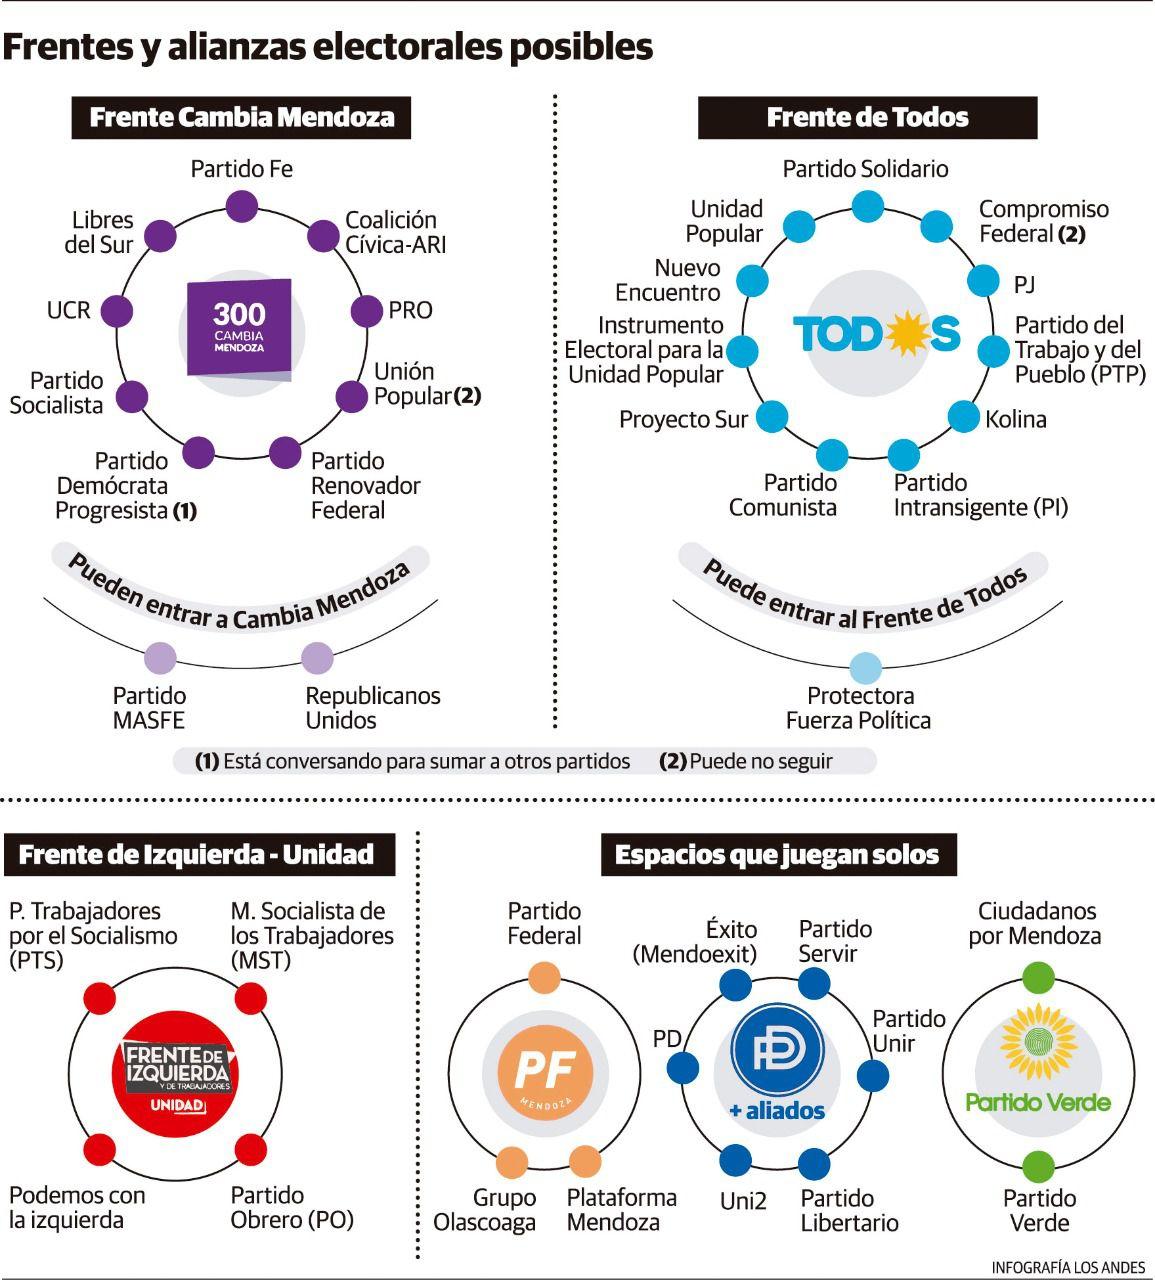 Frentes y alianzas políticas posibles.